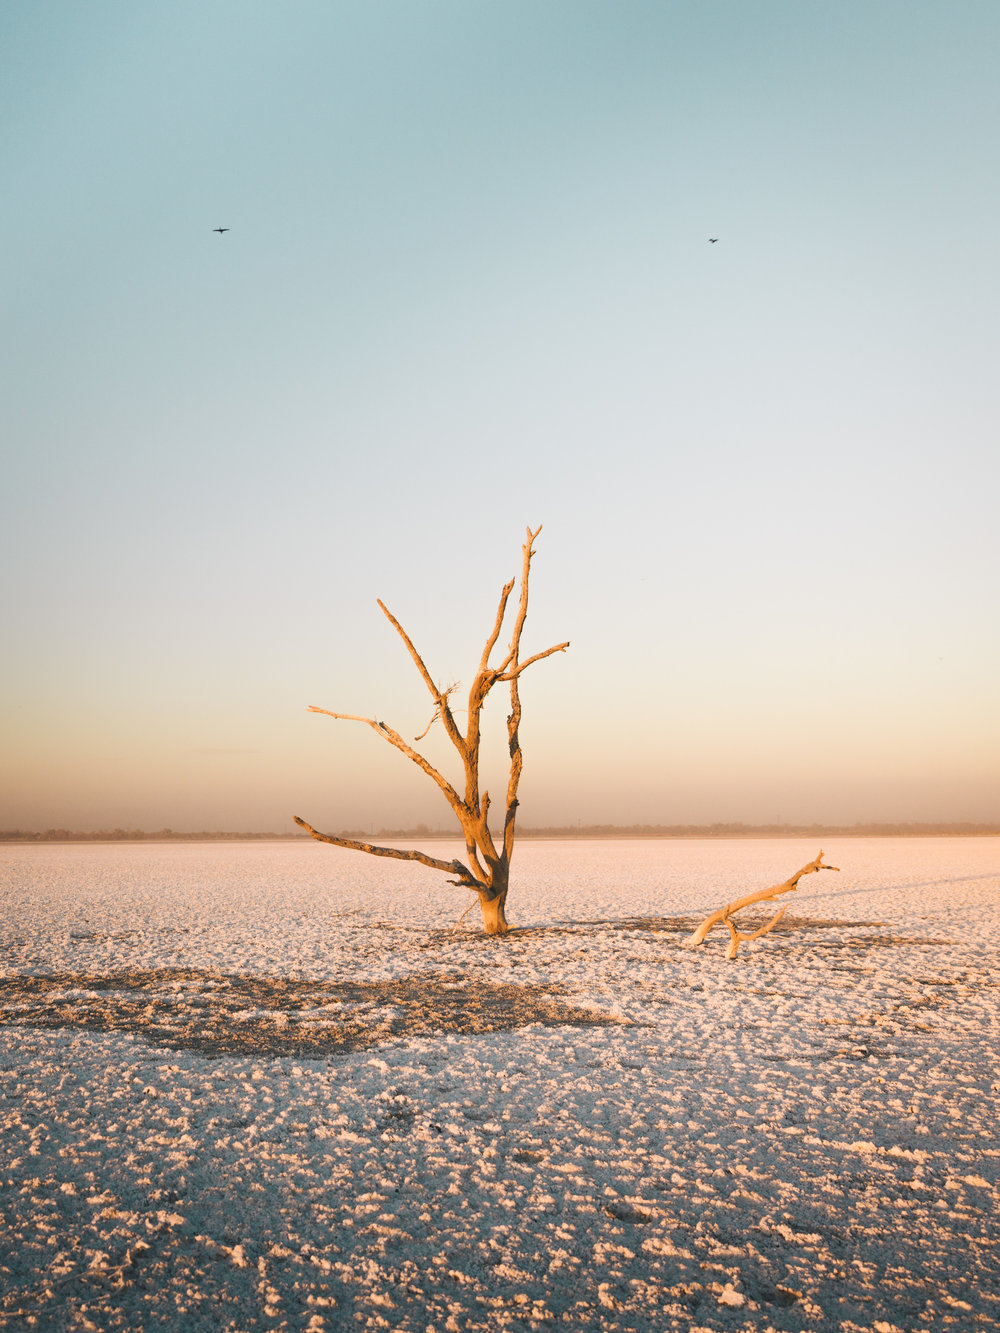 Mr. Lonely   1.31.16  Salton Sea, California